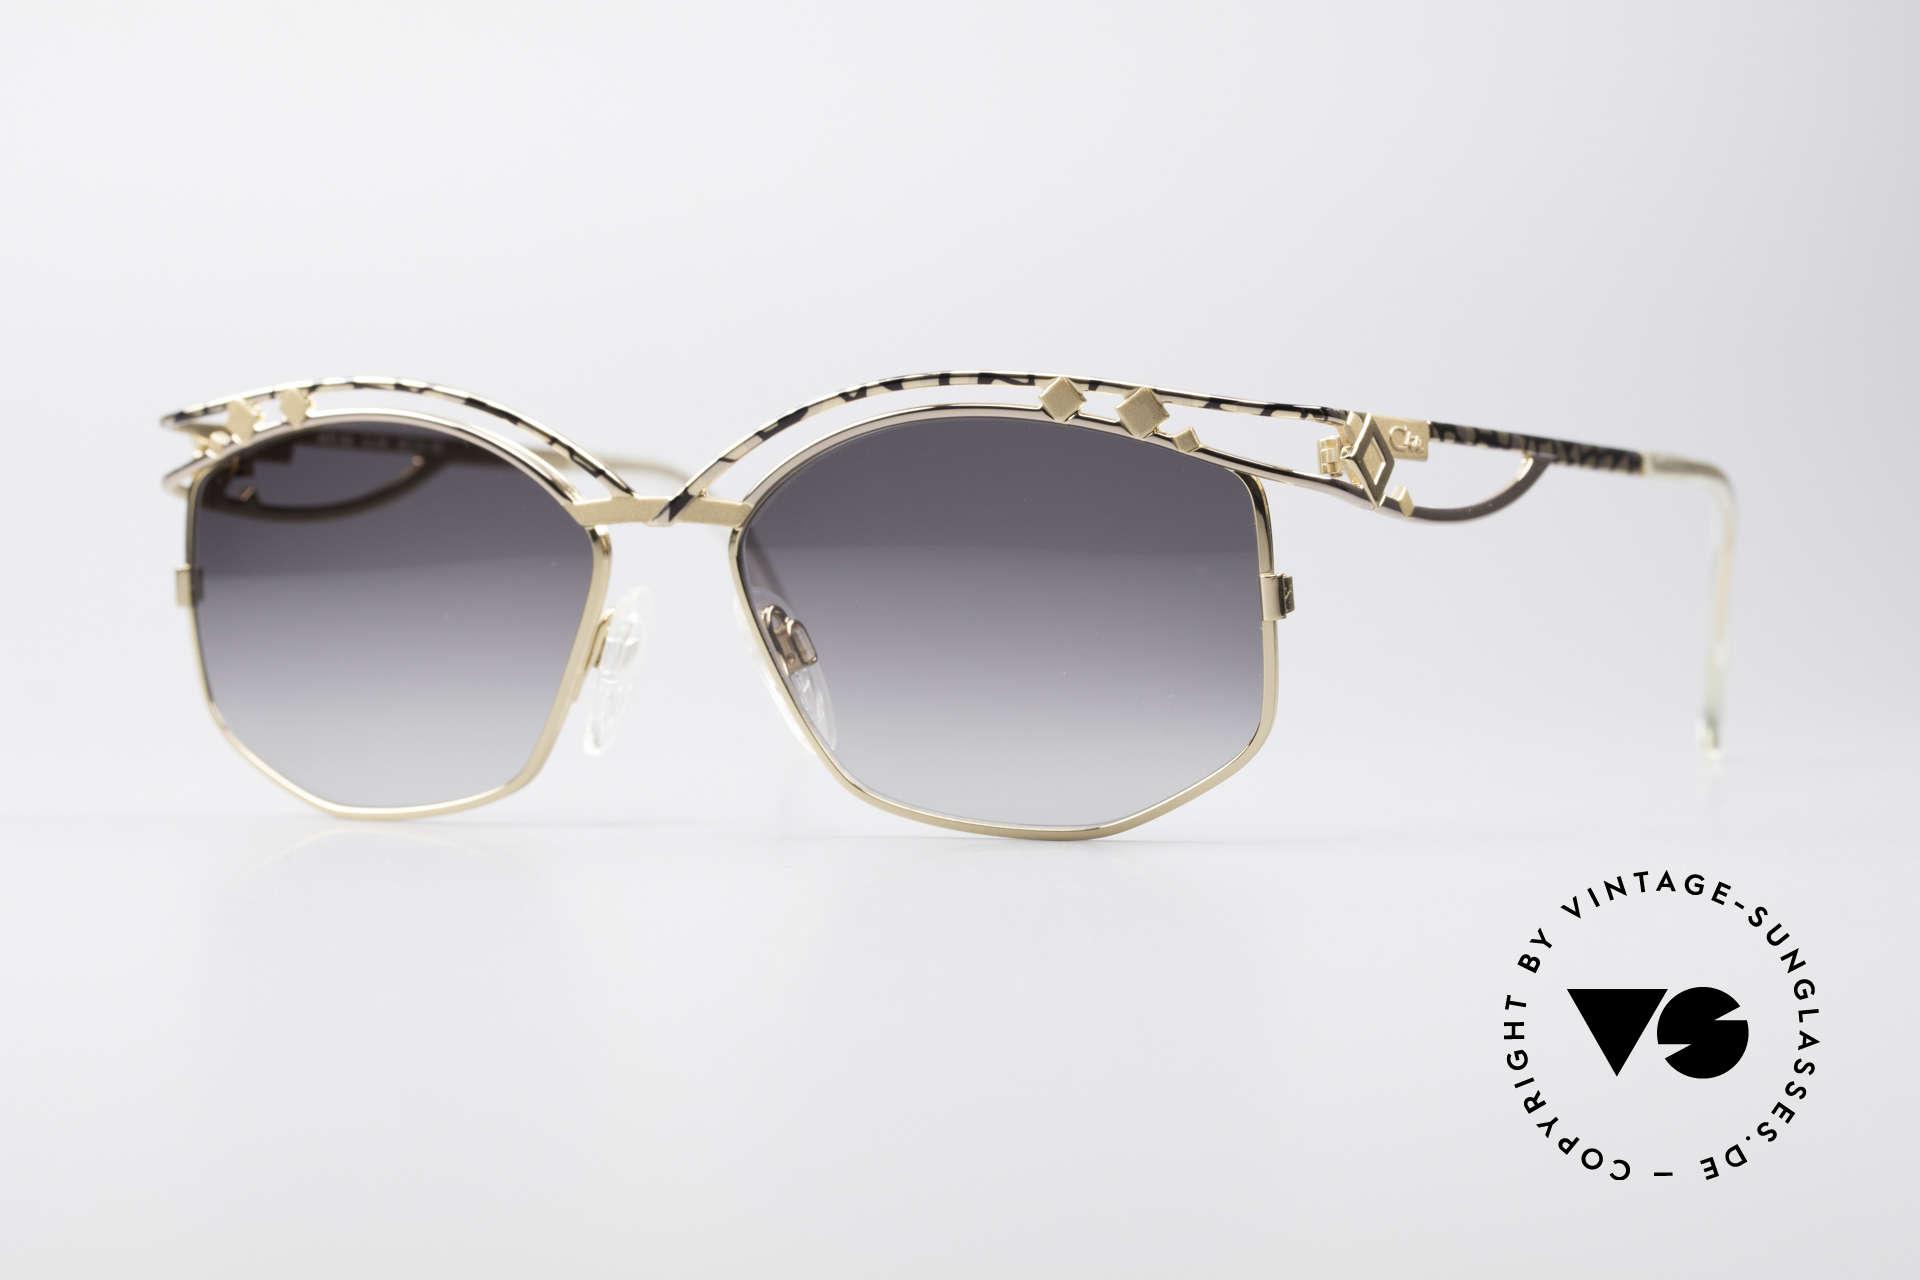 Cazal 280 Rare 90er Damen Sonnenbrille, echte Cazal vintage Designer-Brille von ca. 1997, Passend für Damen